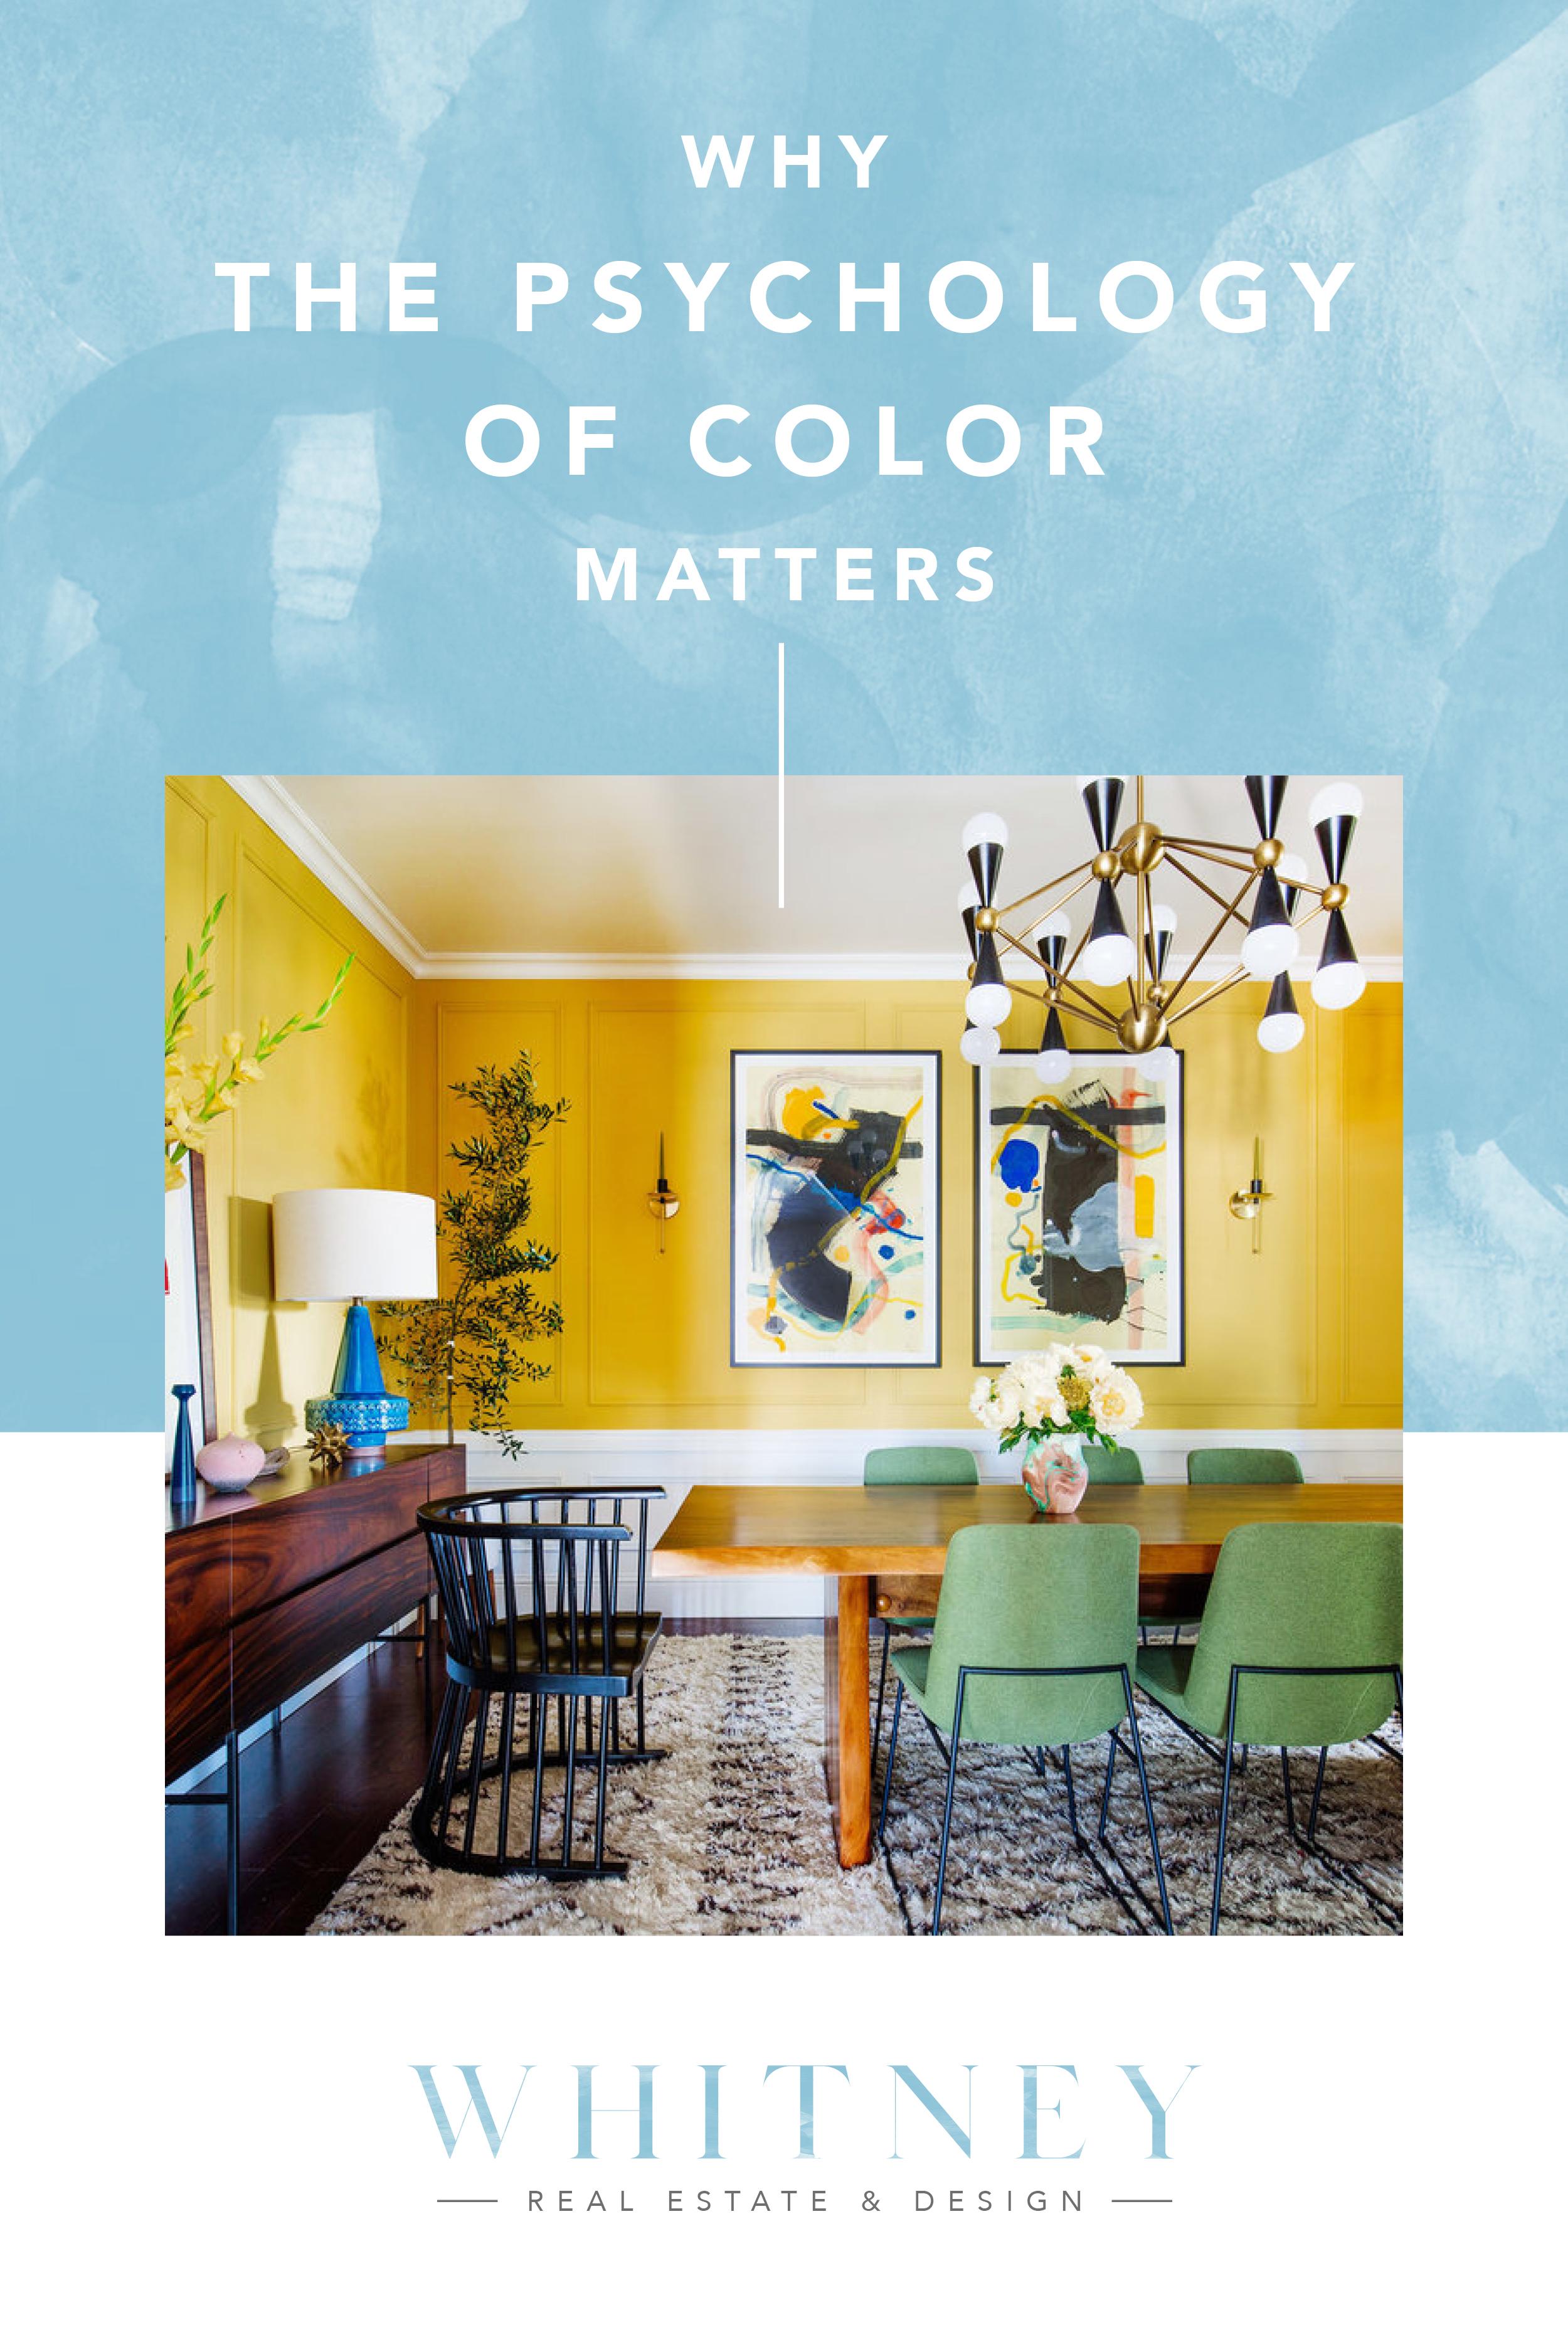 Psychology of Color22.jpg